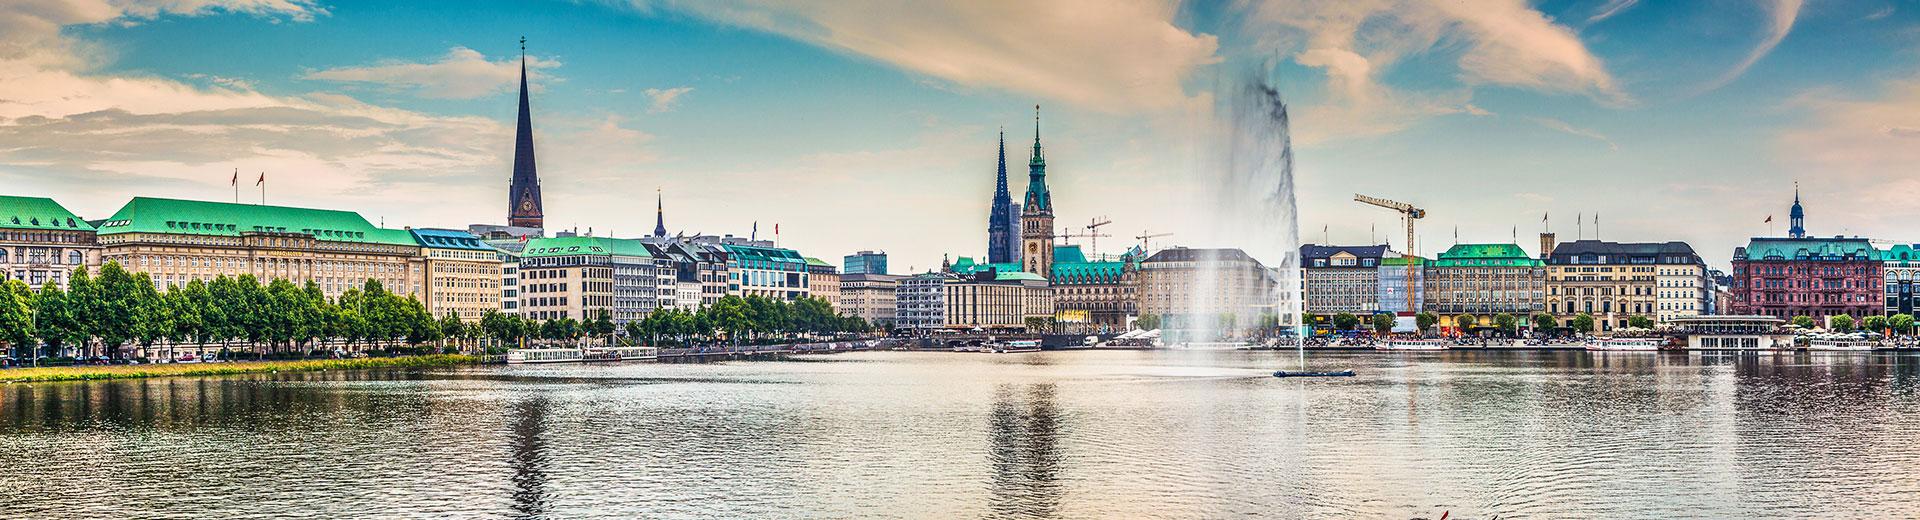 Gruppenreise Hamburg - Package Gruppen Classic Flug